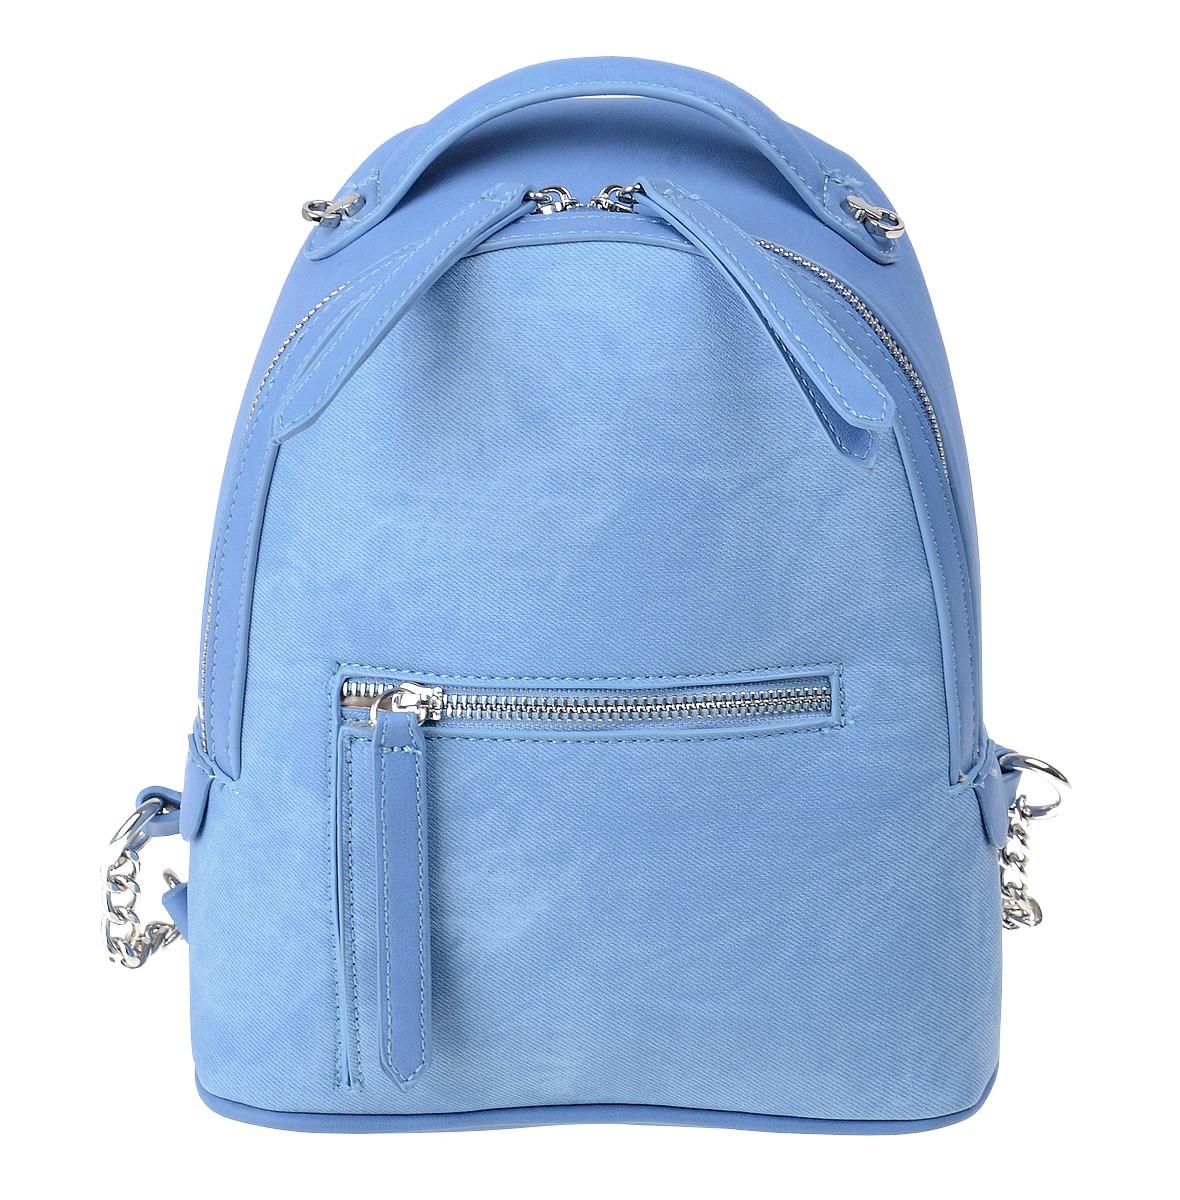 Рюкзак женский Dispacci, цвет: голубой. 3259923008Модели итальянского бренда Dispacci совмещают в себе стиль, практичность и безукоризненное качество изготовления. Чтобы ваш рюкзак сумка всегда оставался в целости и выглядел как новый, дизайнеры Dispacci продумали его конструкцию до мельчайших деталей. Вся фурнитура, пряжки, замки и молнии сделаны из металла, а места креплений лямок и верхней ручки прошиты крепкими нитками. Мы предлагаем очень практичную модель с вместительным центральным отделением и наружным карманом, который закрывается на молнию. Для удобства открывания все замки снабжены стильными цифрами из экокожи. Рюкзак в комплекте с широким ремнем декорированным цветочками из экокожи в цвет изделия. Высота ручки 5 см.